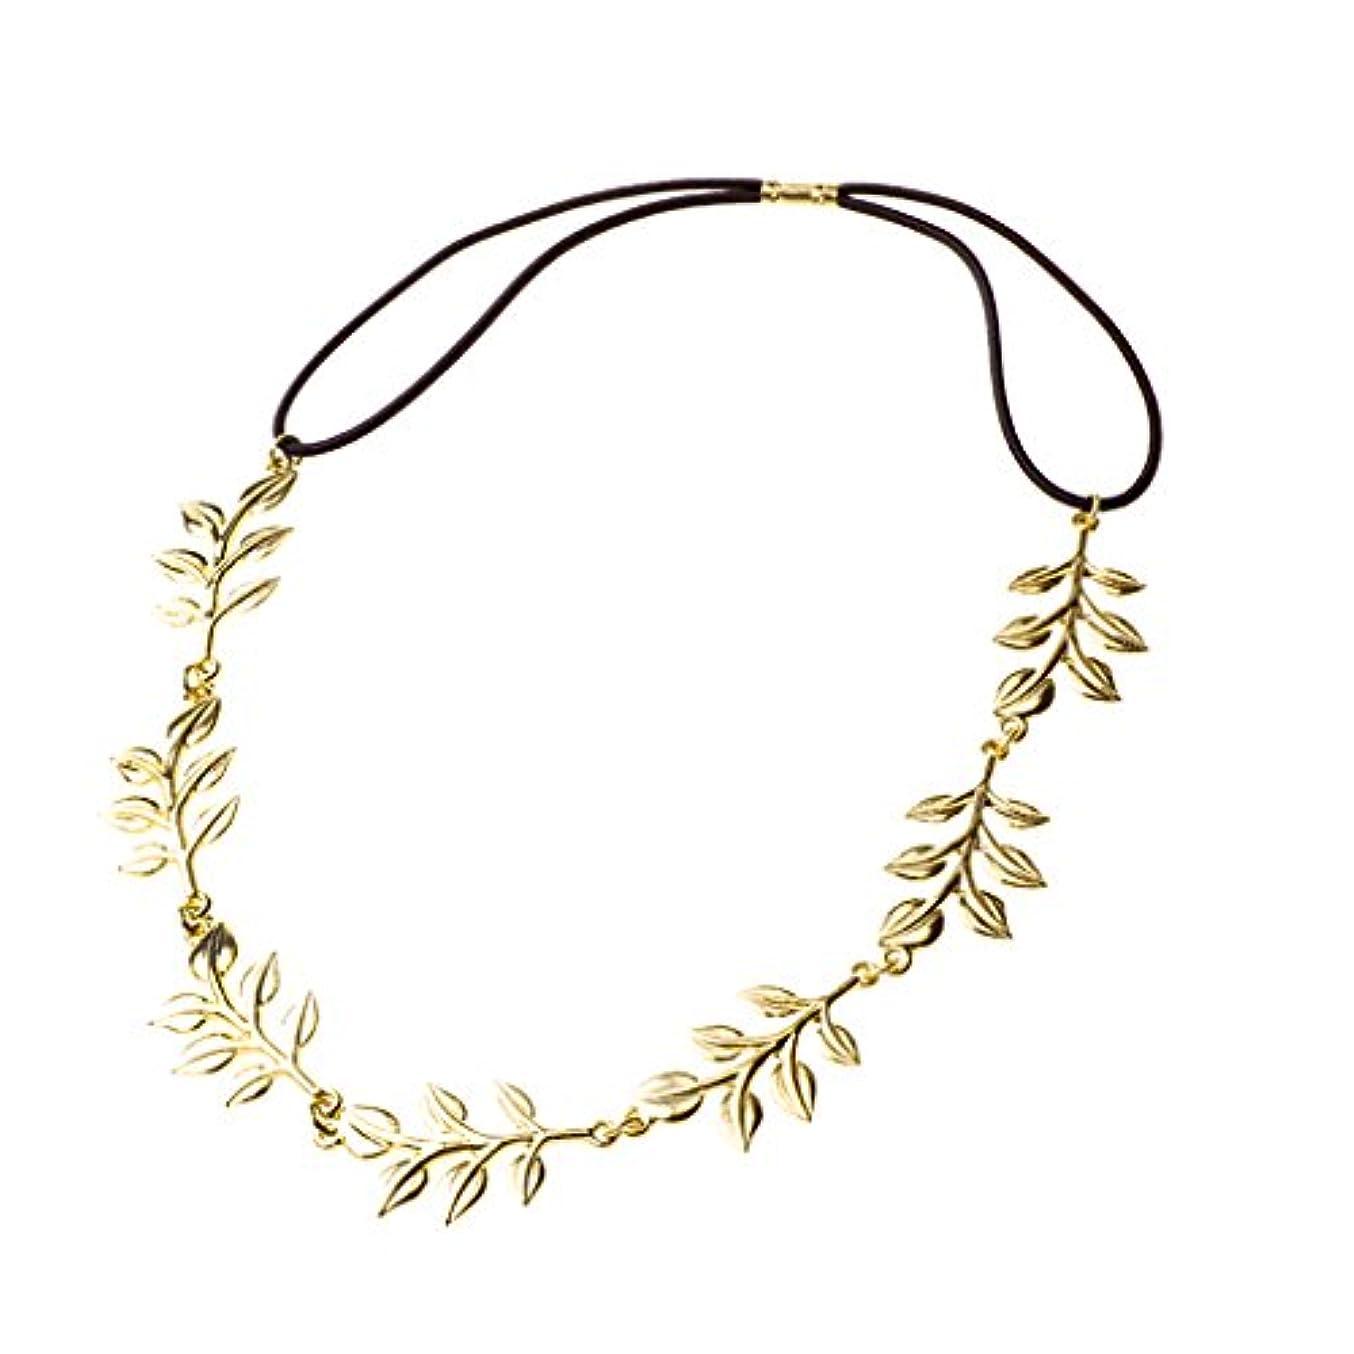 わざわざ障害者推論dailymall ヘッドドレス へアバンド リボンカチューシャ リーブ 葉の形 ヘアアクセサリー 髪飾り 結婚式 花嫁 飾り物